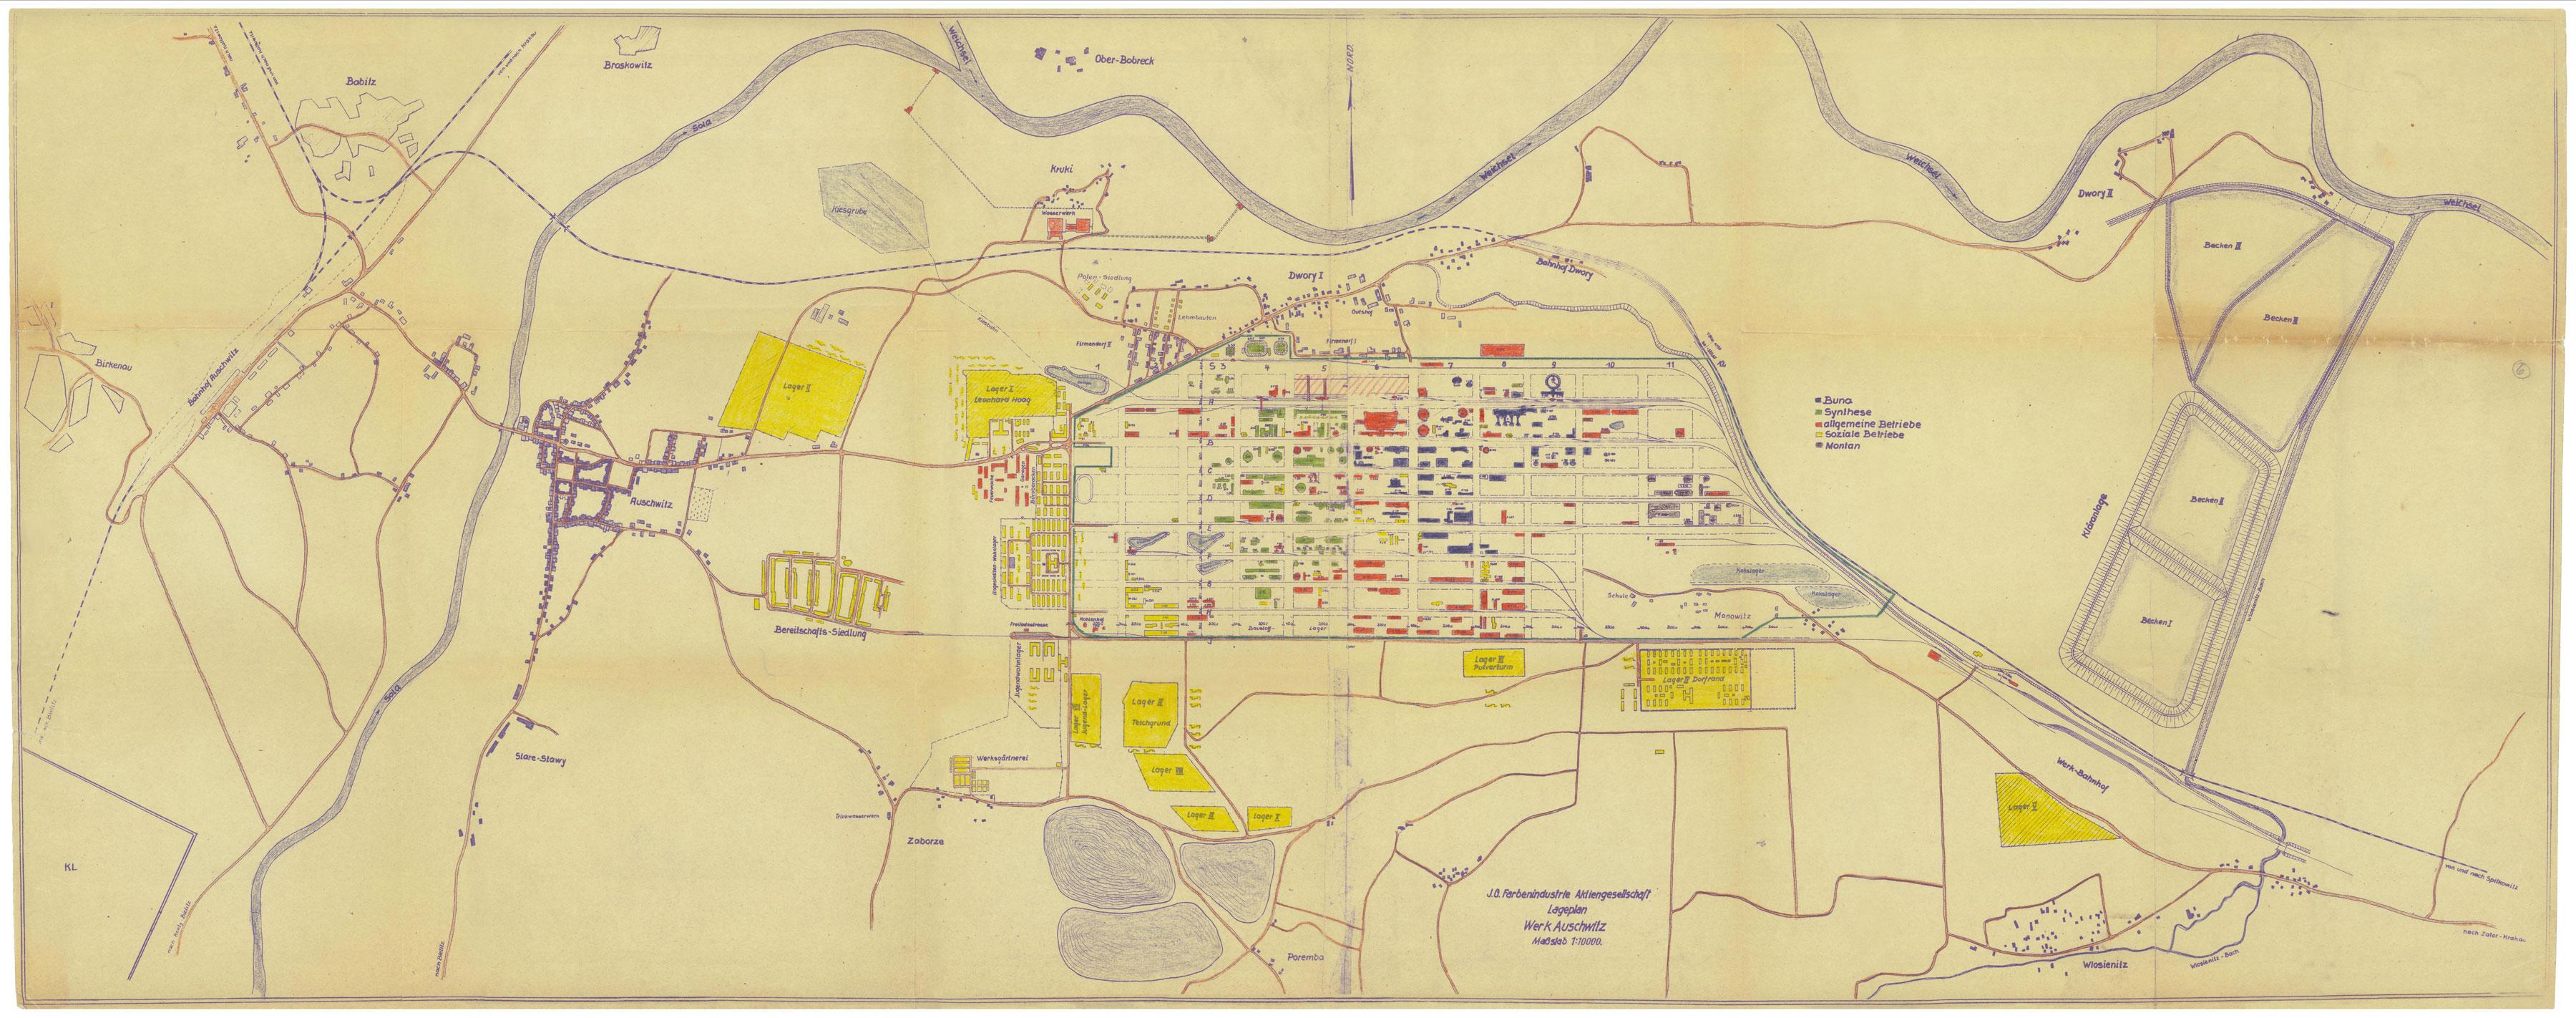 site plan for auschwitzmonowitz. wollheim memorial